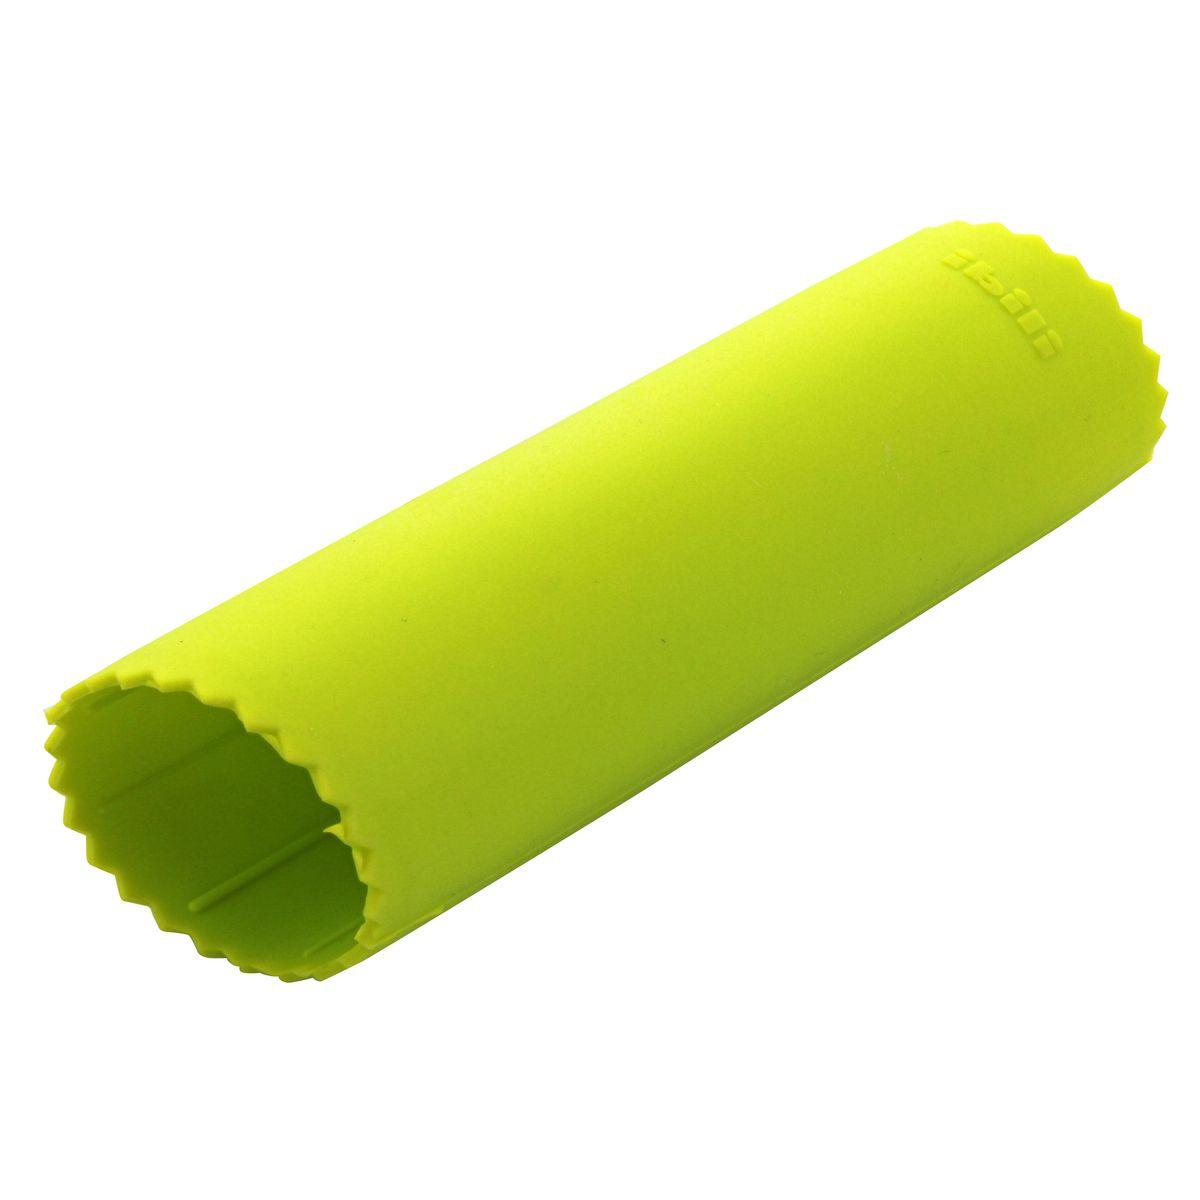 Pele-ail en silicone - Ibili